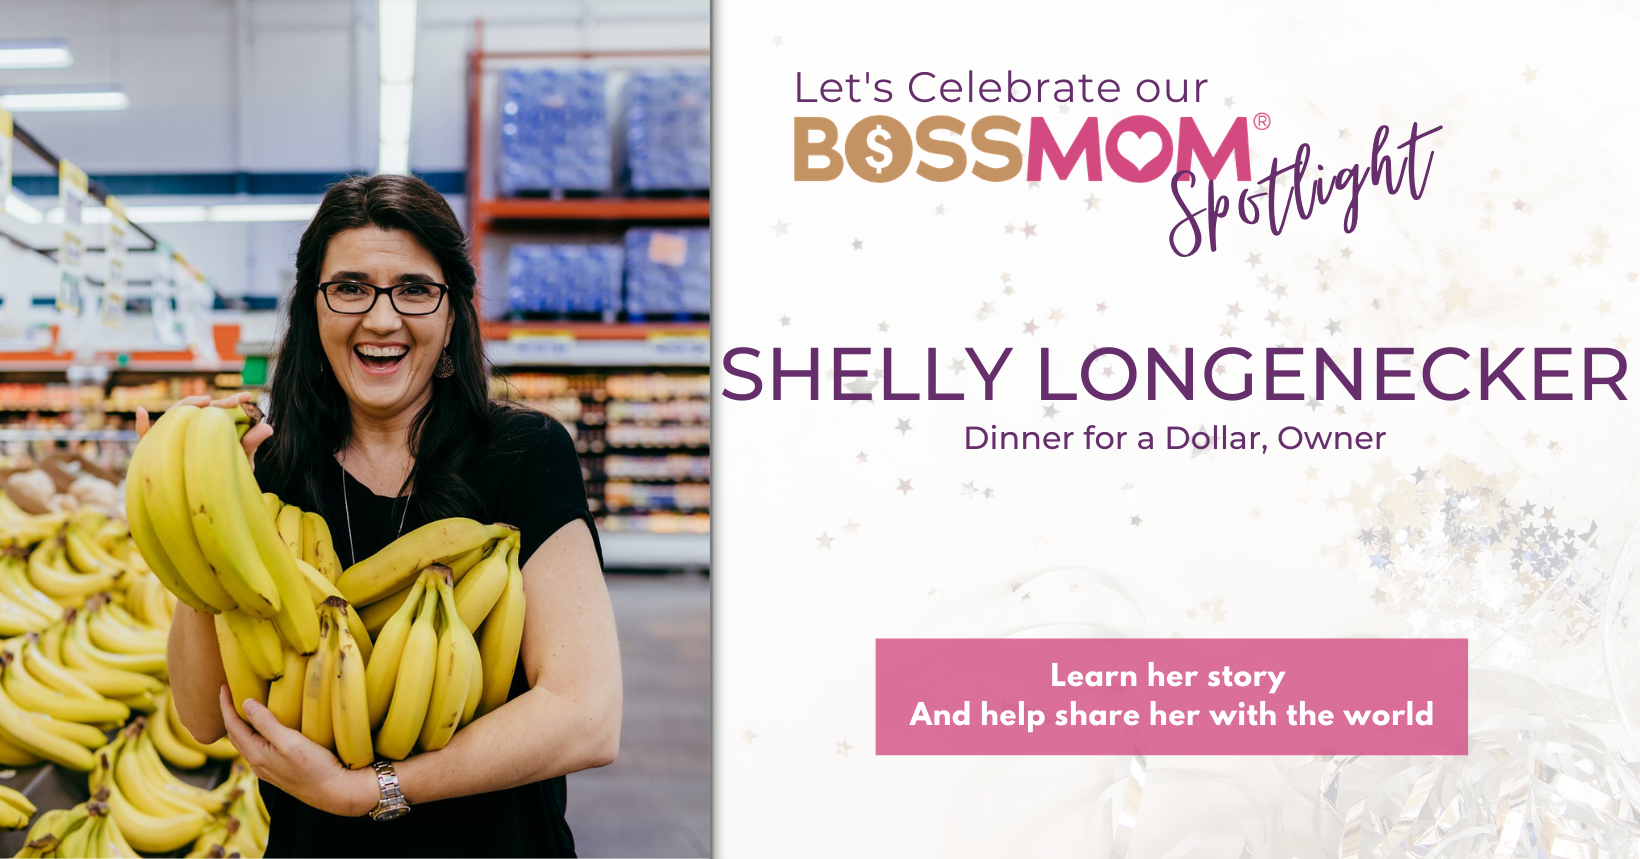 Boss Mom of the Week Template - Marki Lemons Rhyal (1)